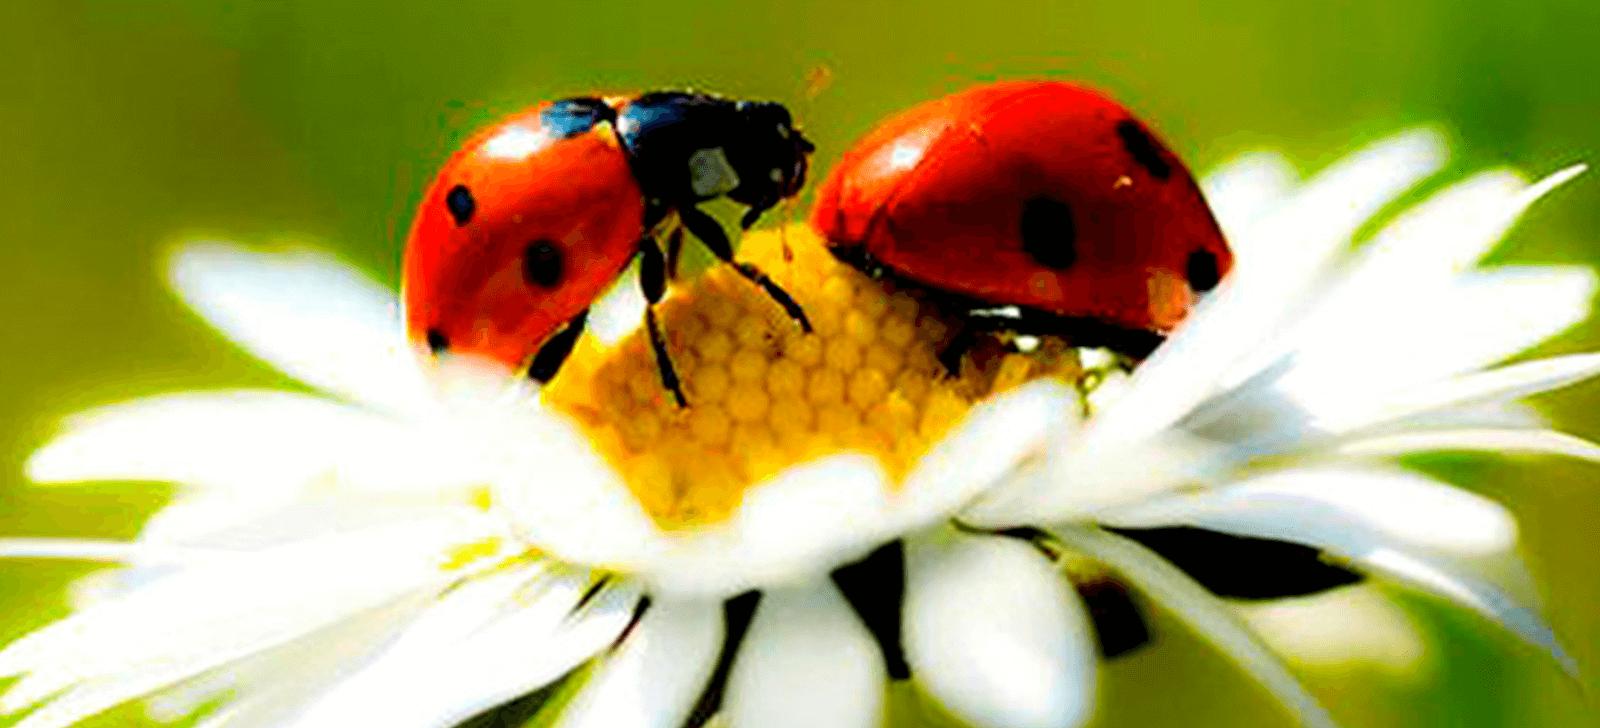 Paris distribui larvas de joaninha para combater pragas em jardins